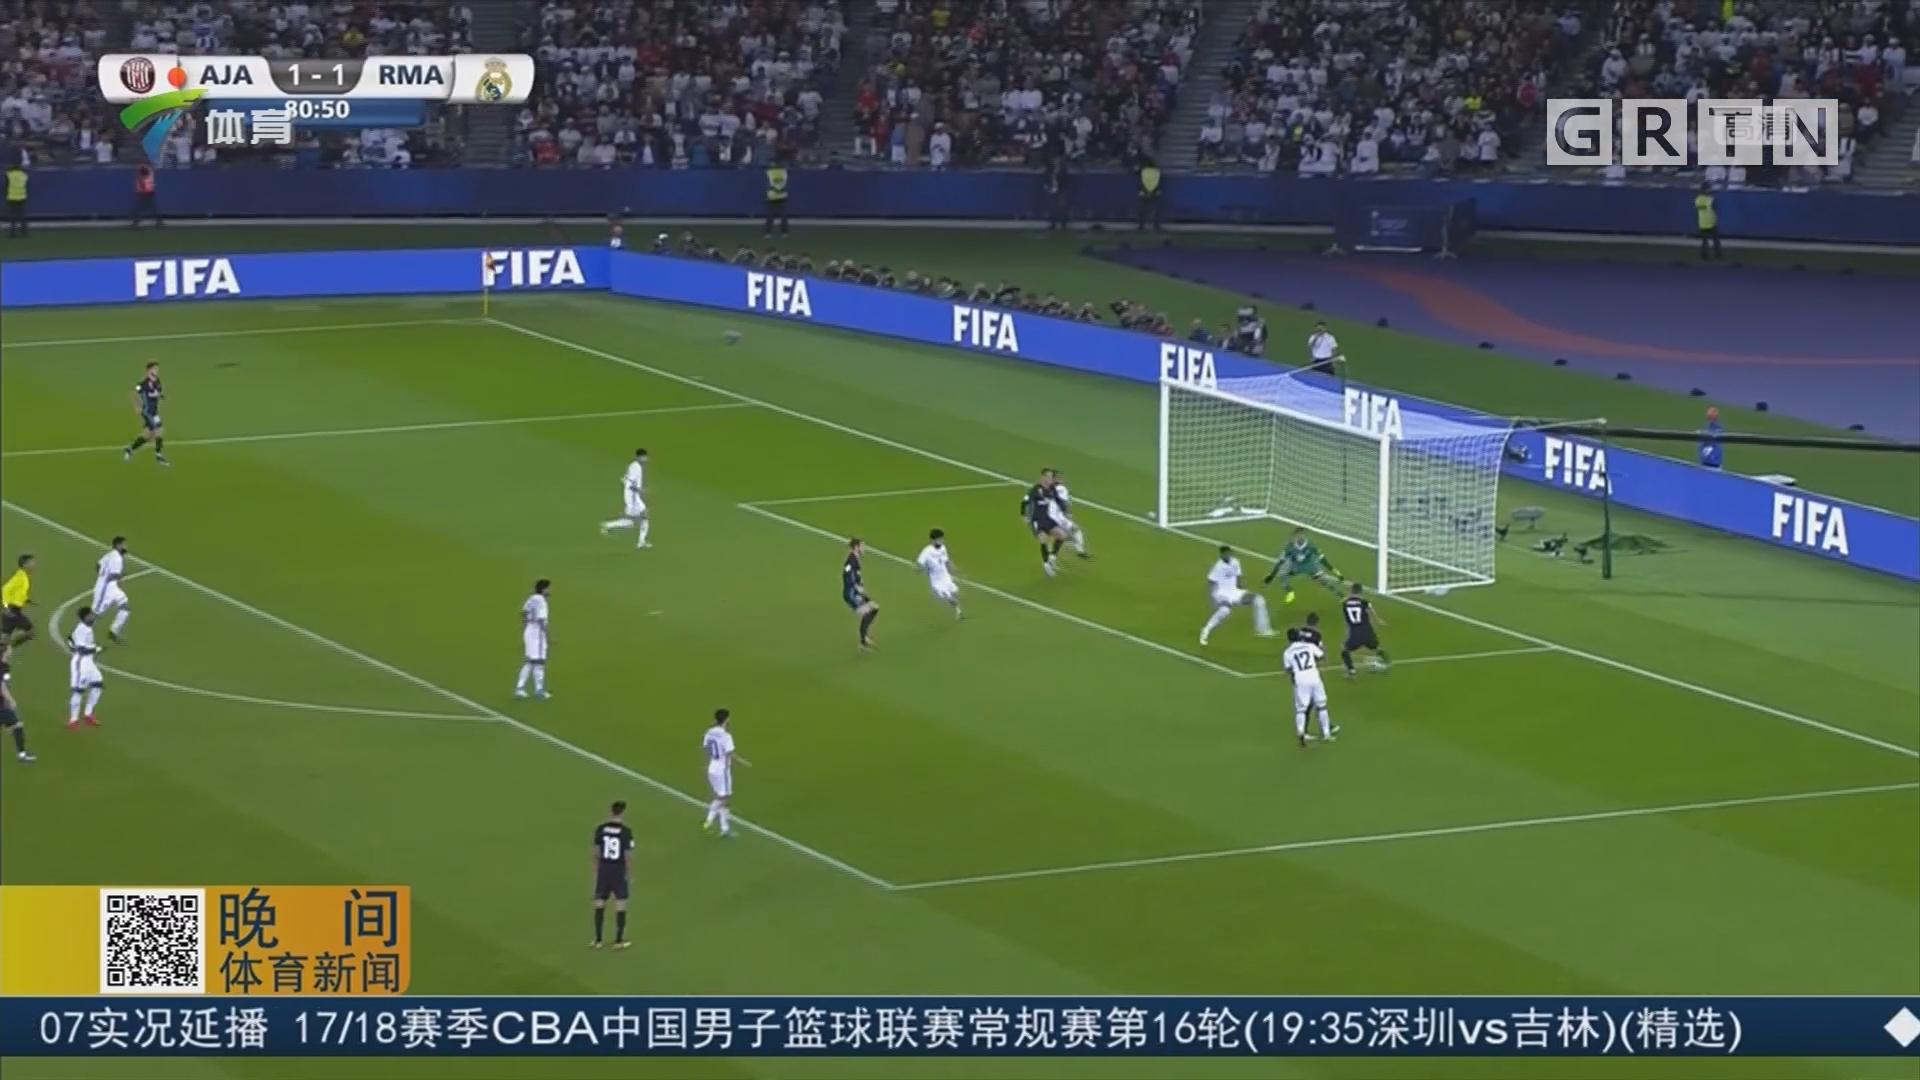 世俱杯:皇马逆转东道主晋级决赛